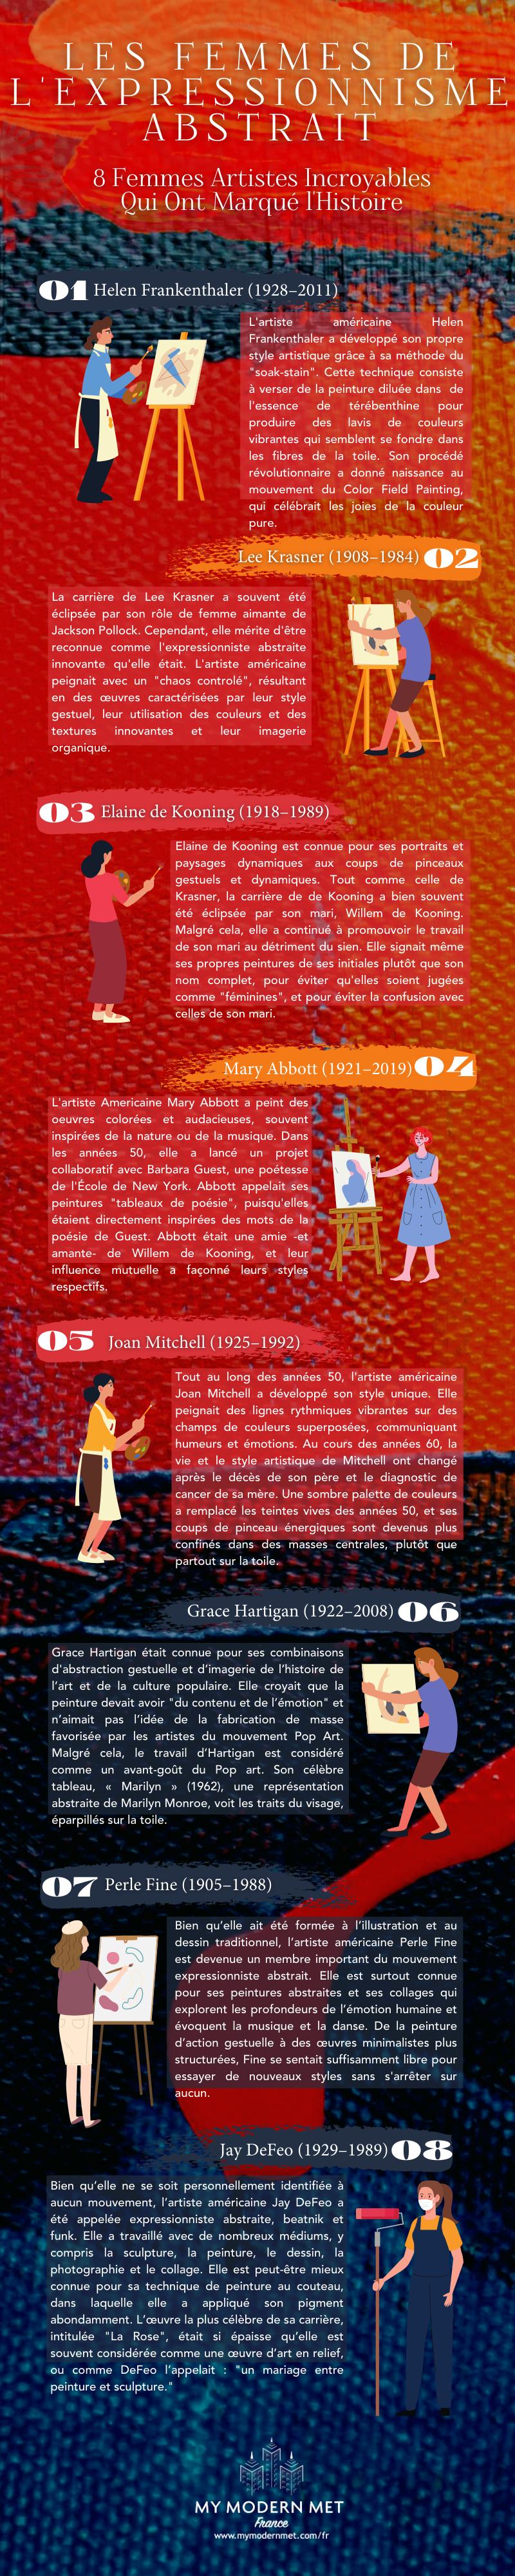 Infographie les femmes de l'expressionnisme abstrait